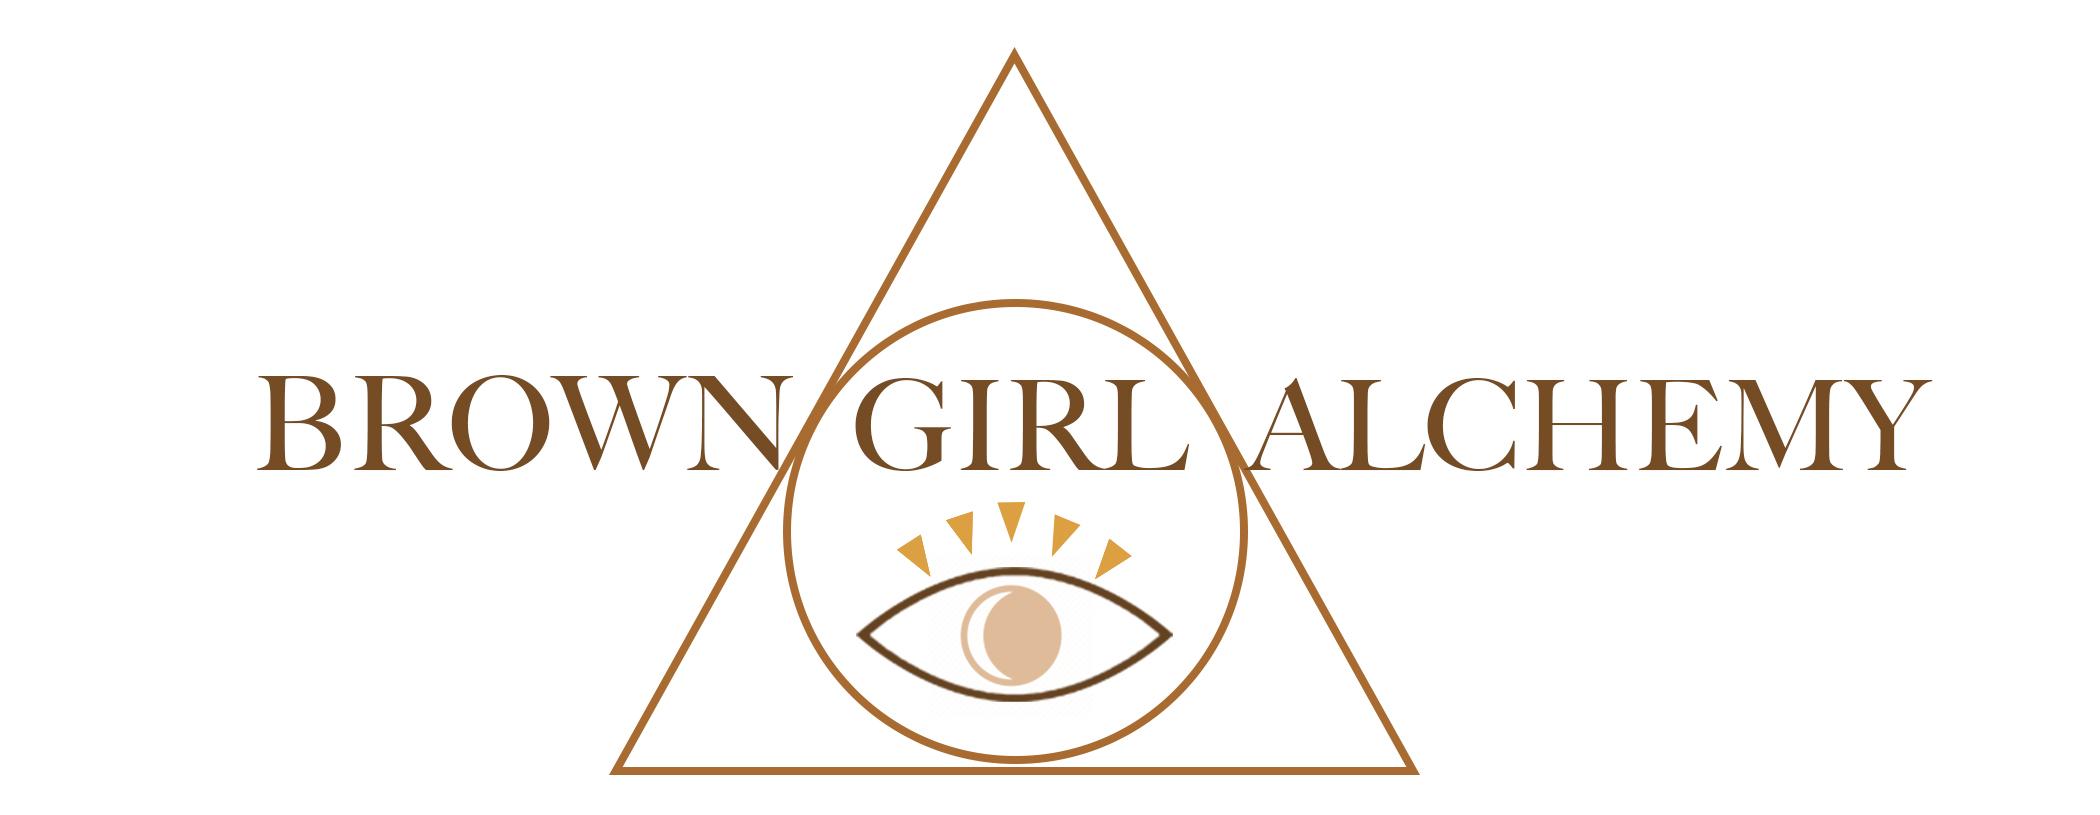 Brown Girl Alchemy Logo